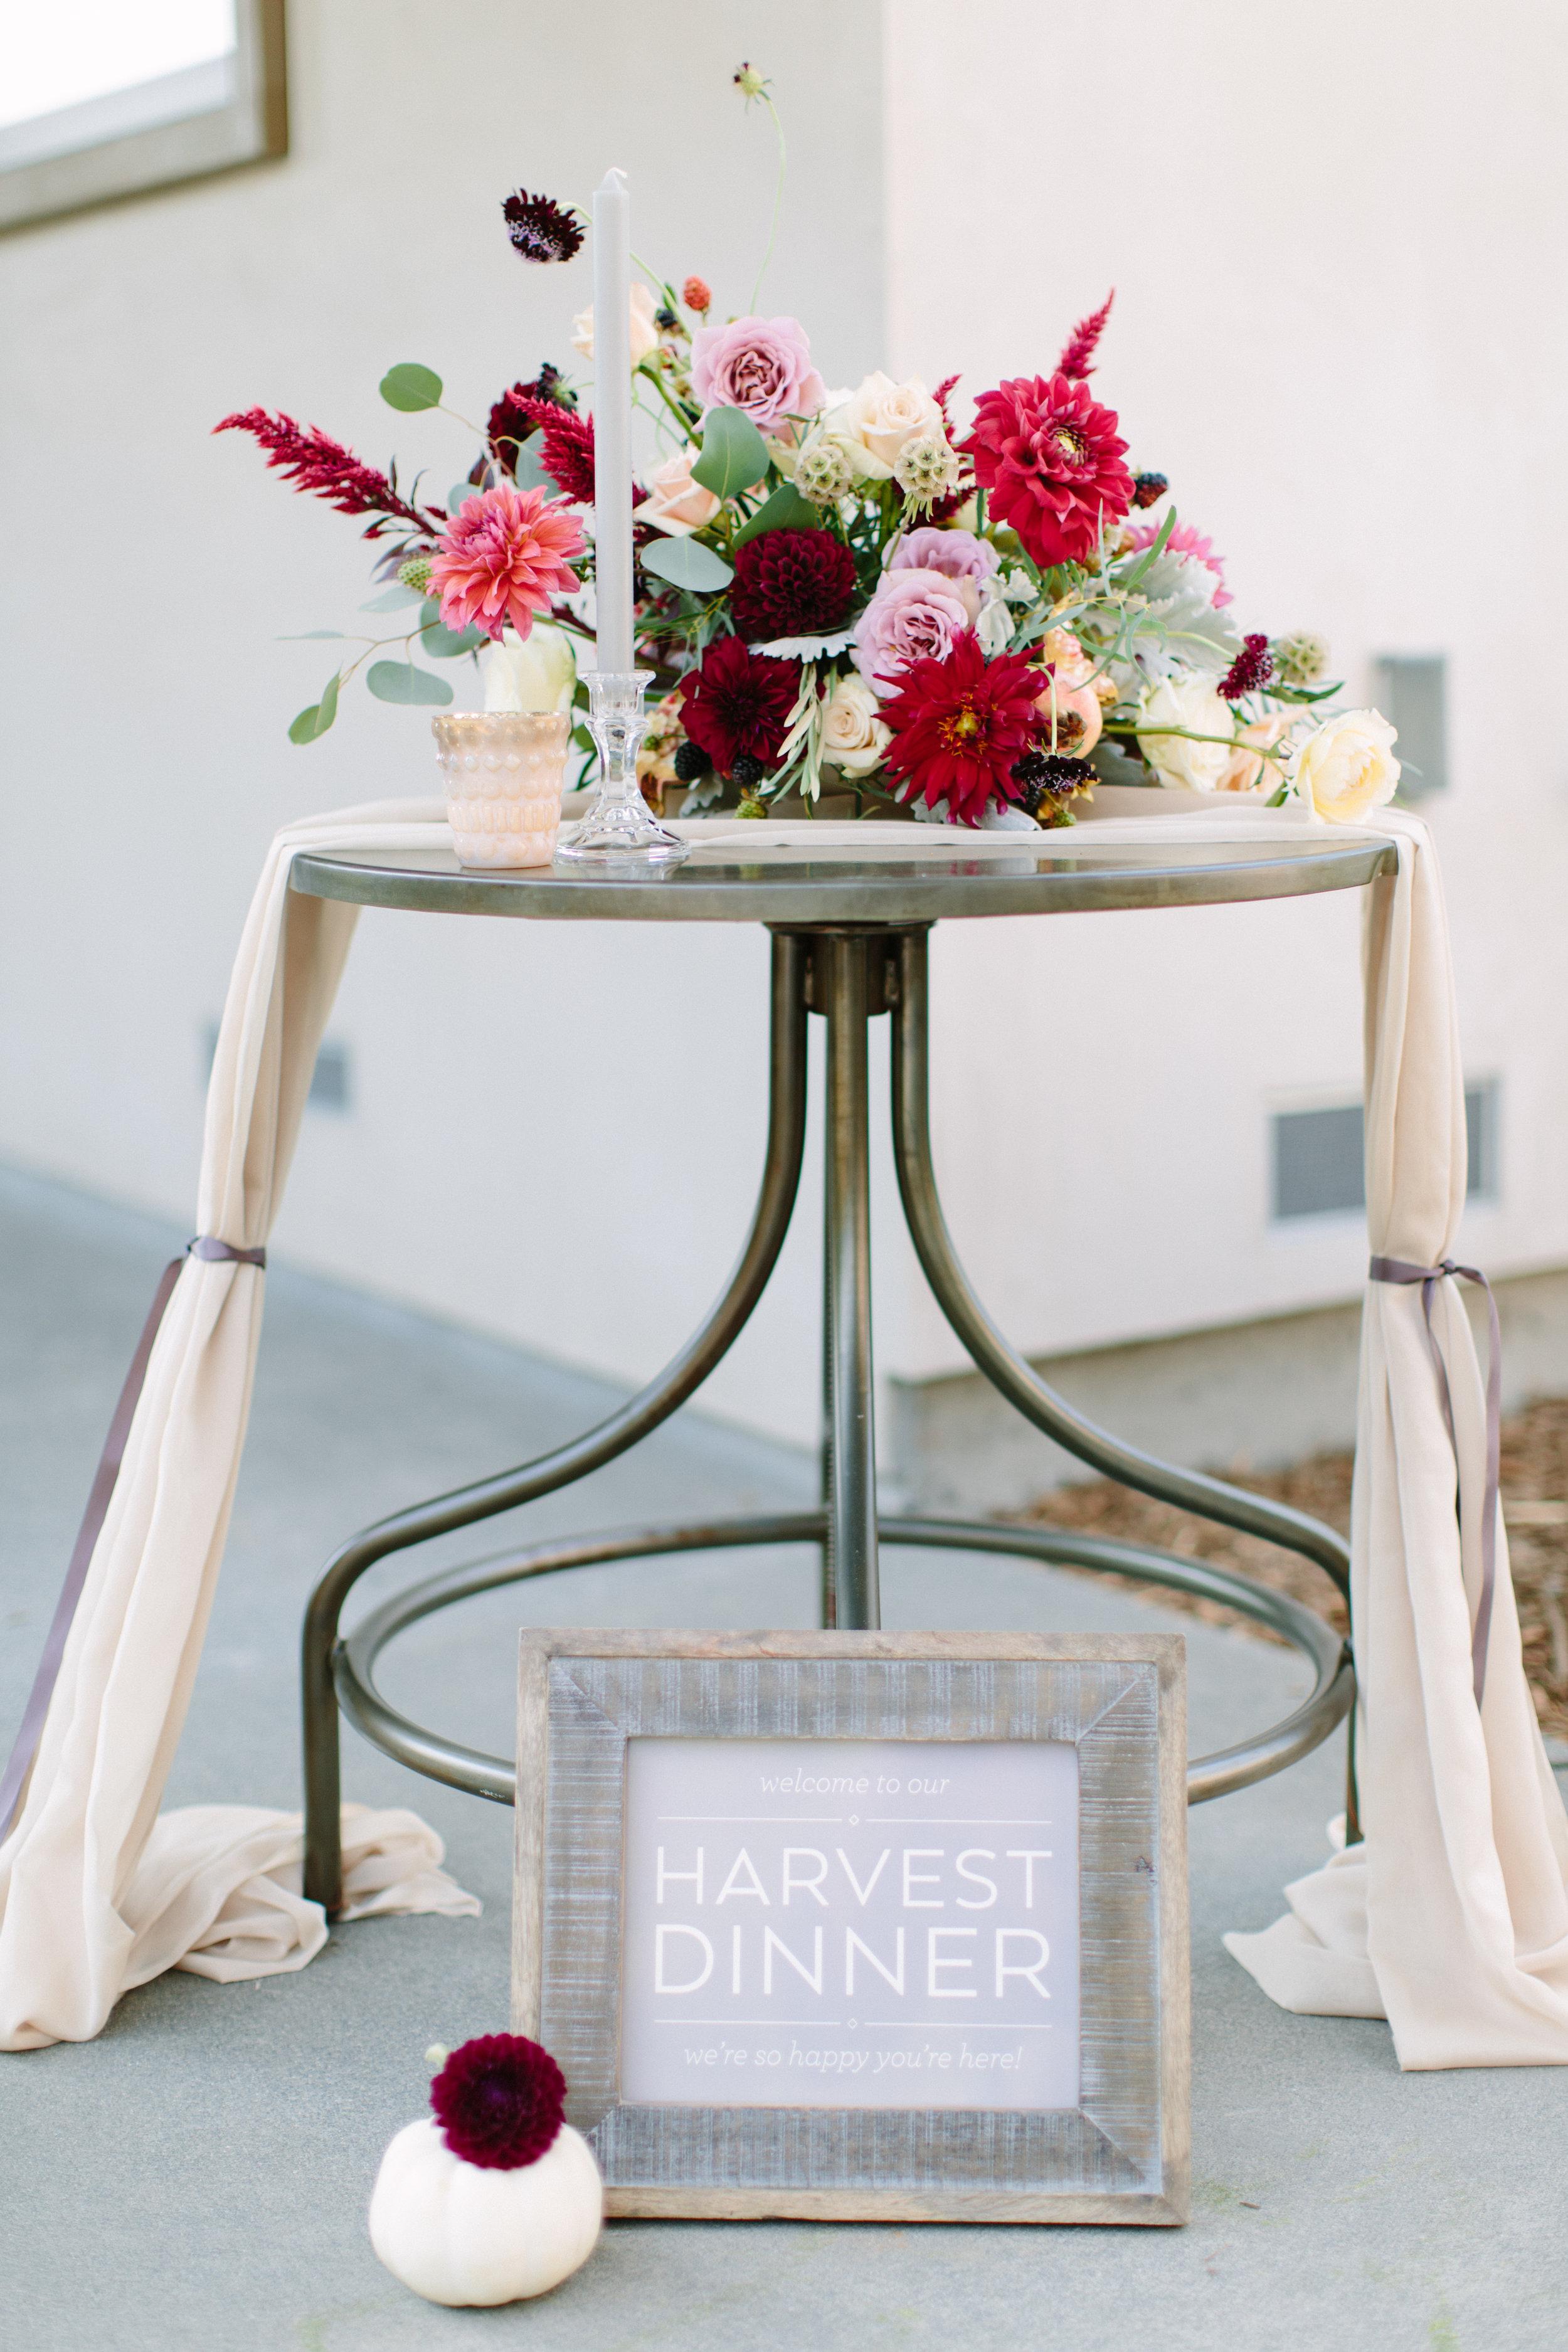 HS_HarvestDinner_001.jpg